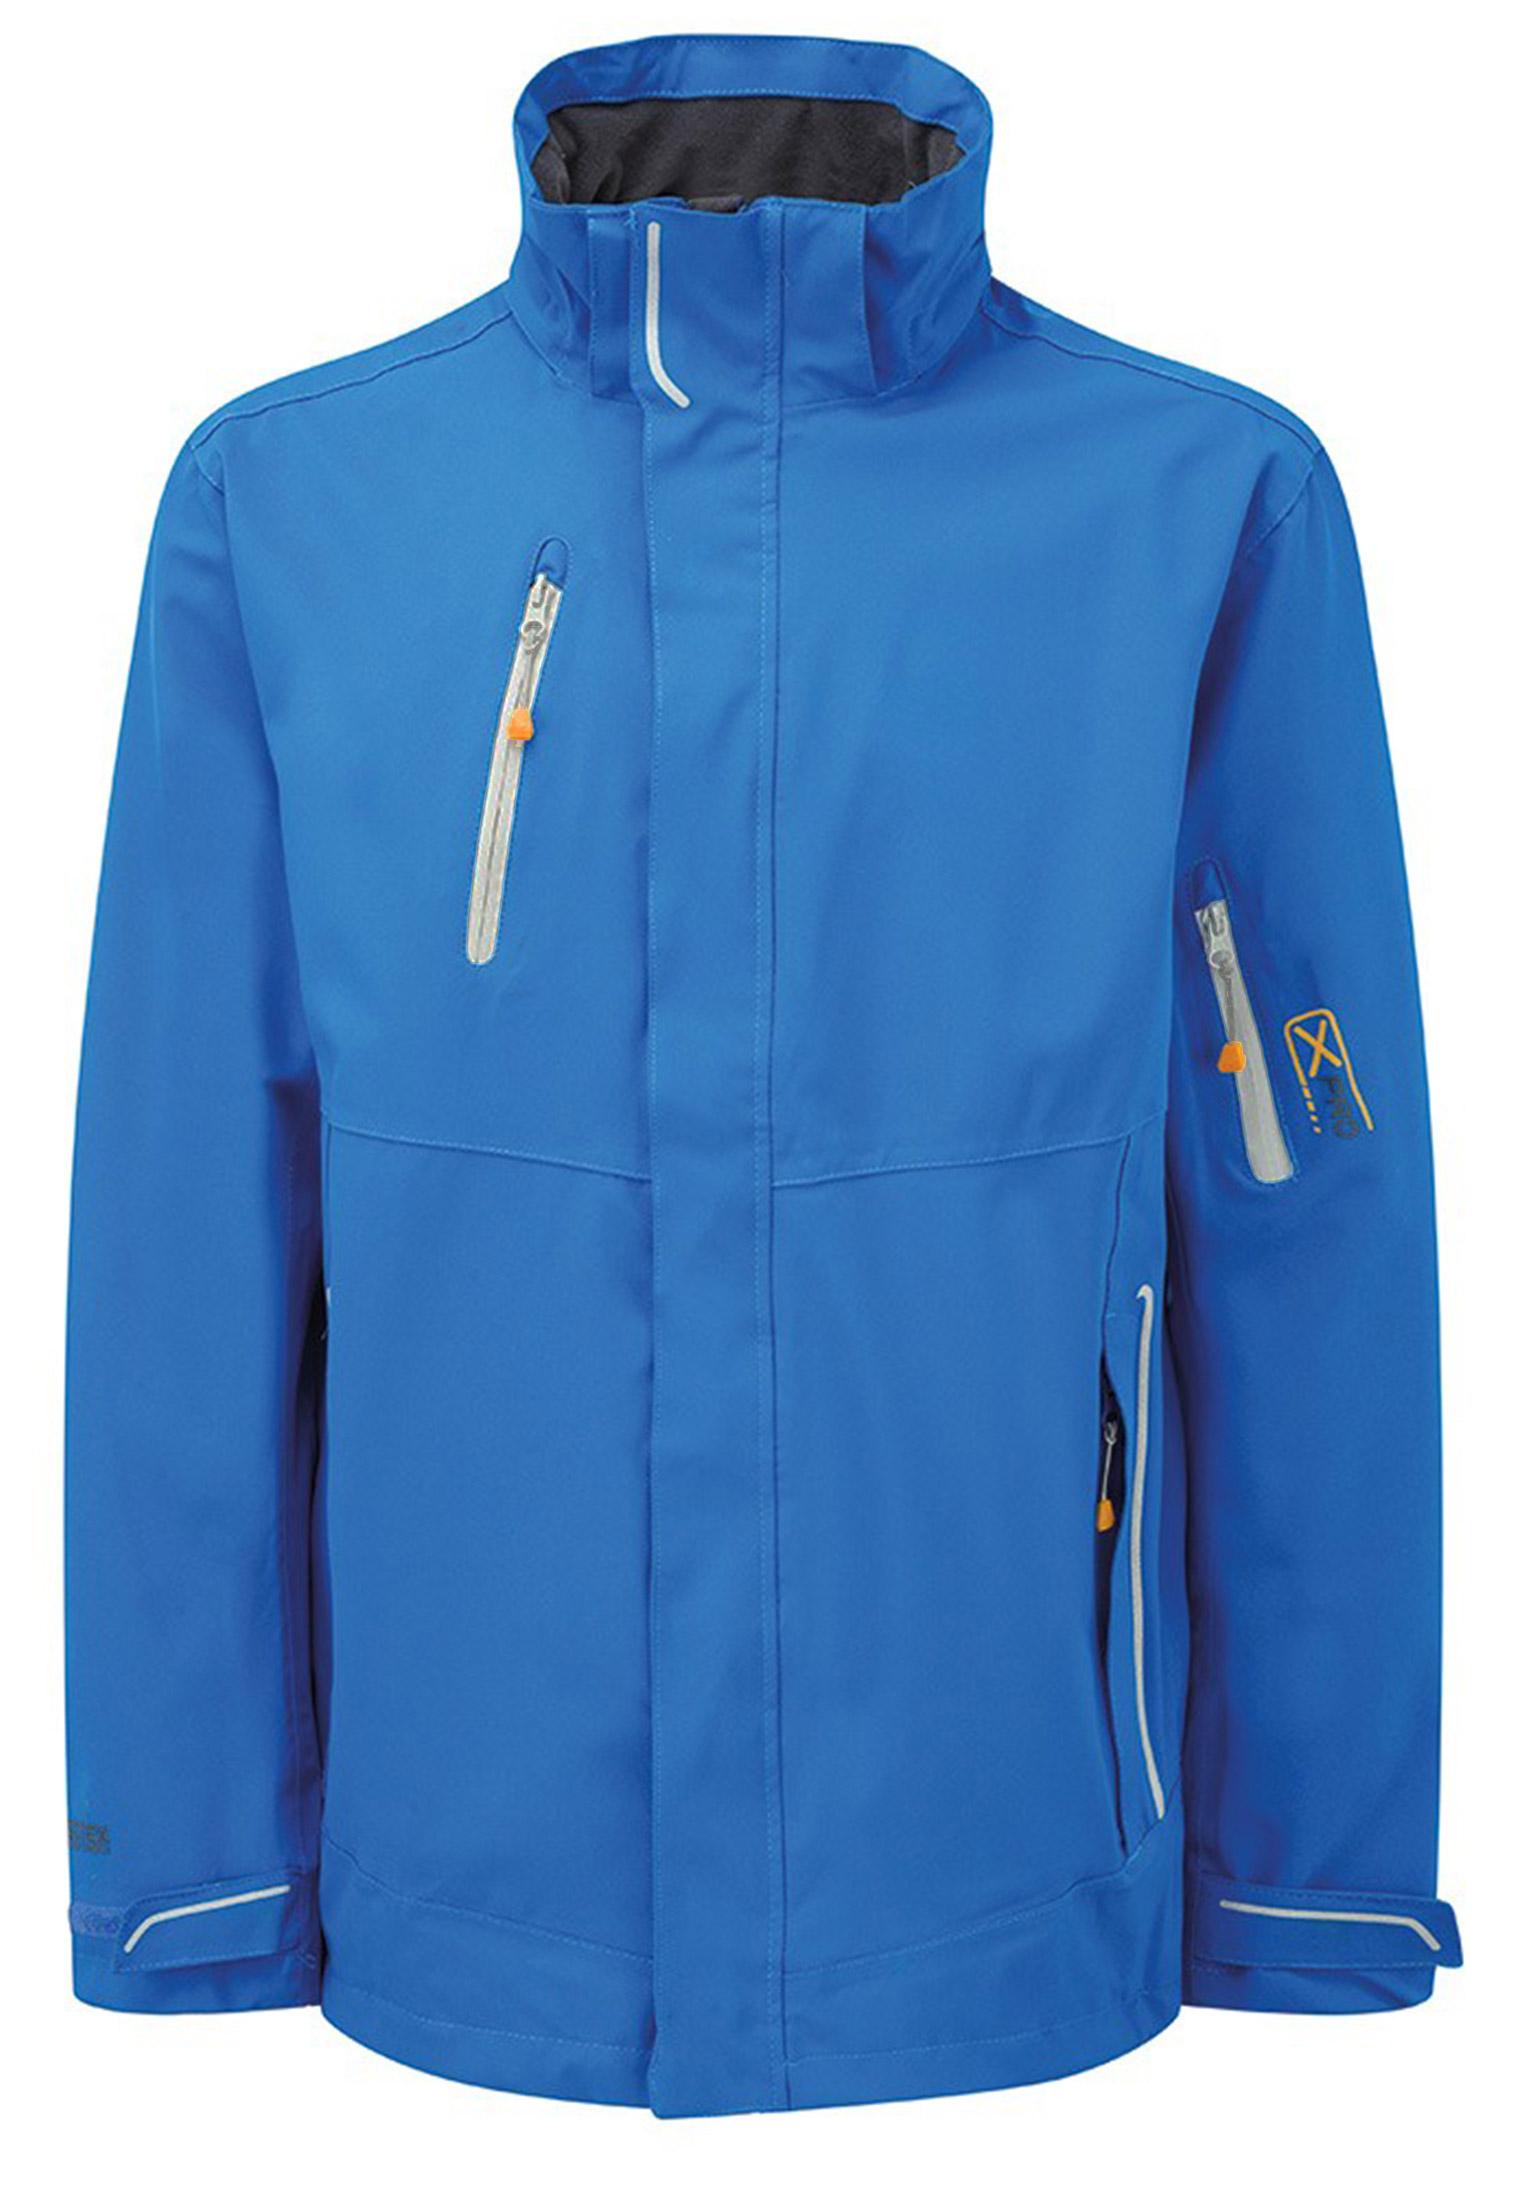 De Exosphere stretch jas, van het merk Regatta Professional, is een ademende, waterdichte jas die stijlvol is in design, waardoor het een populaire beschermende jas is in zowel werkomgevingen als buitenactiviteiten. De Exosphere-jas is gemaakt van 100% polyester stretch stof (Isotex 10000) dit zorgt voor een hoog draagcomfort en vrijheid van beweging. De jas heeft 2 zakken met ritssluiting, 1 borstzak en een zakje op de mouw beide met waterafstotende ritsen, 1 binnenzak, reflecterende details voor verbeterde zichtbaarheid, verstelbare manchetten, afneembare capuchon en een mesh voering. De jas is uitgevoerd met een dubbele rits die zowel van boven als van onder geopend kan worden, de lichtgrijze en oranje details geven de jas een leuk kleuraccent. Met elastisch trekkoord in de zoom voor een goede pasvorm.